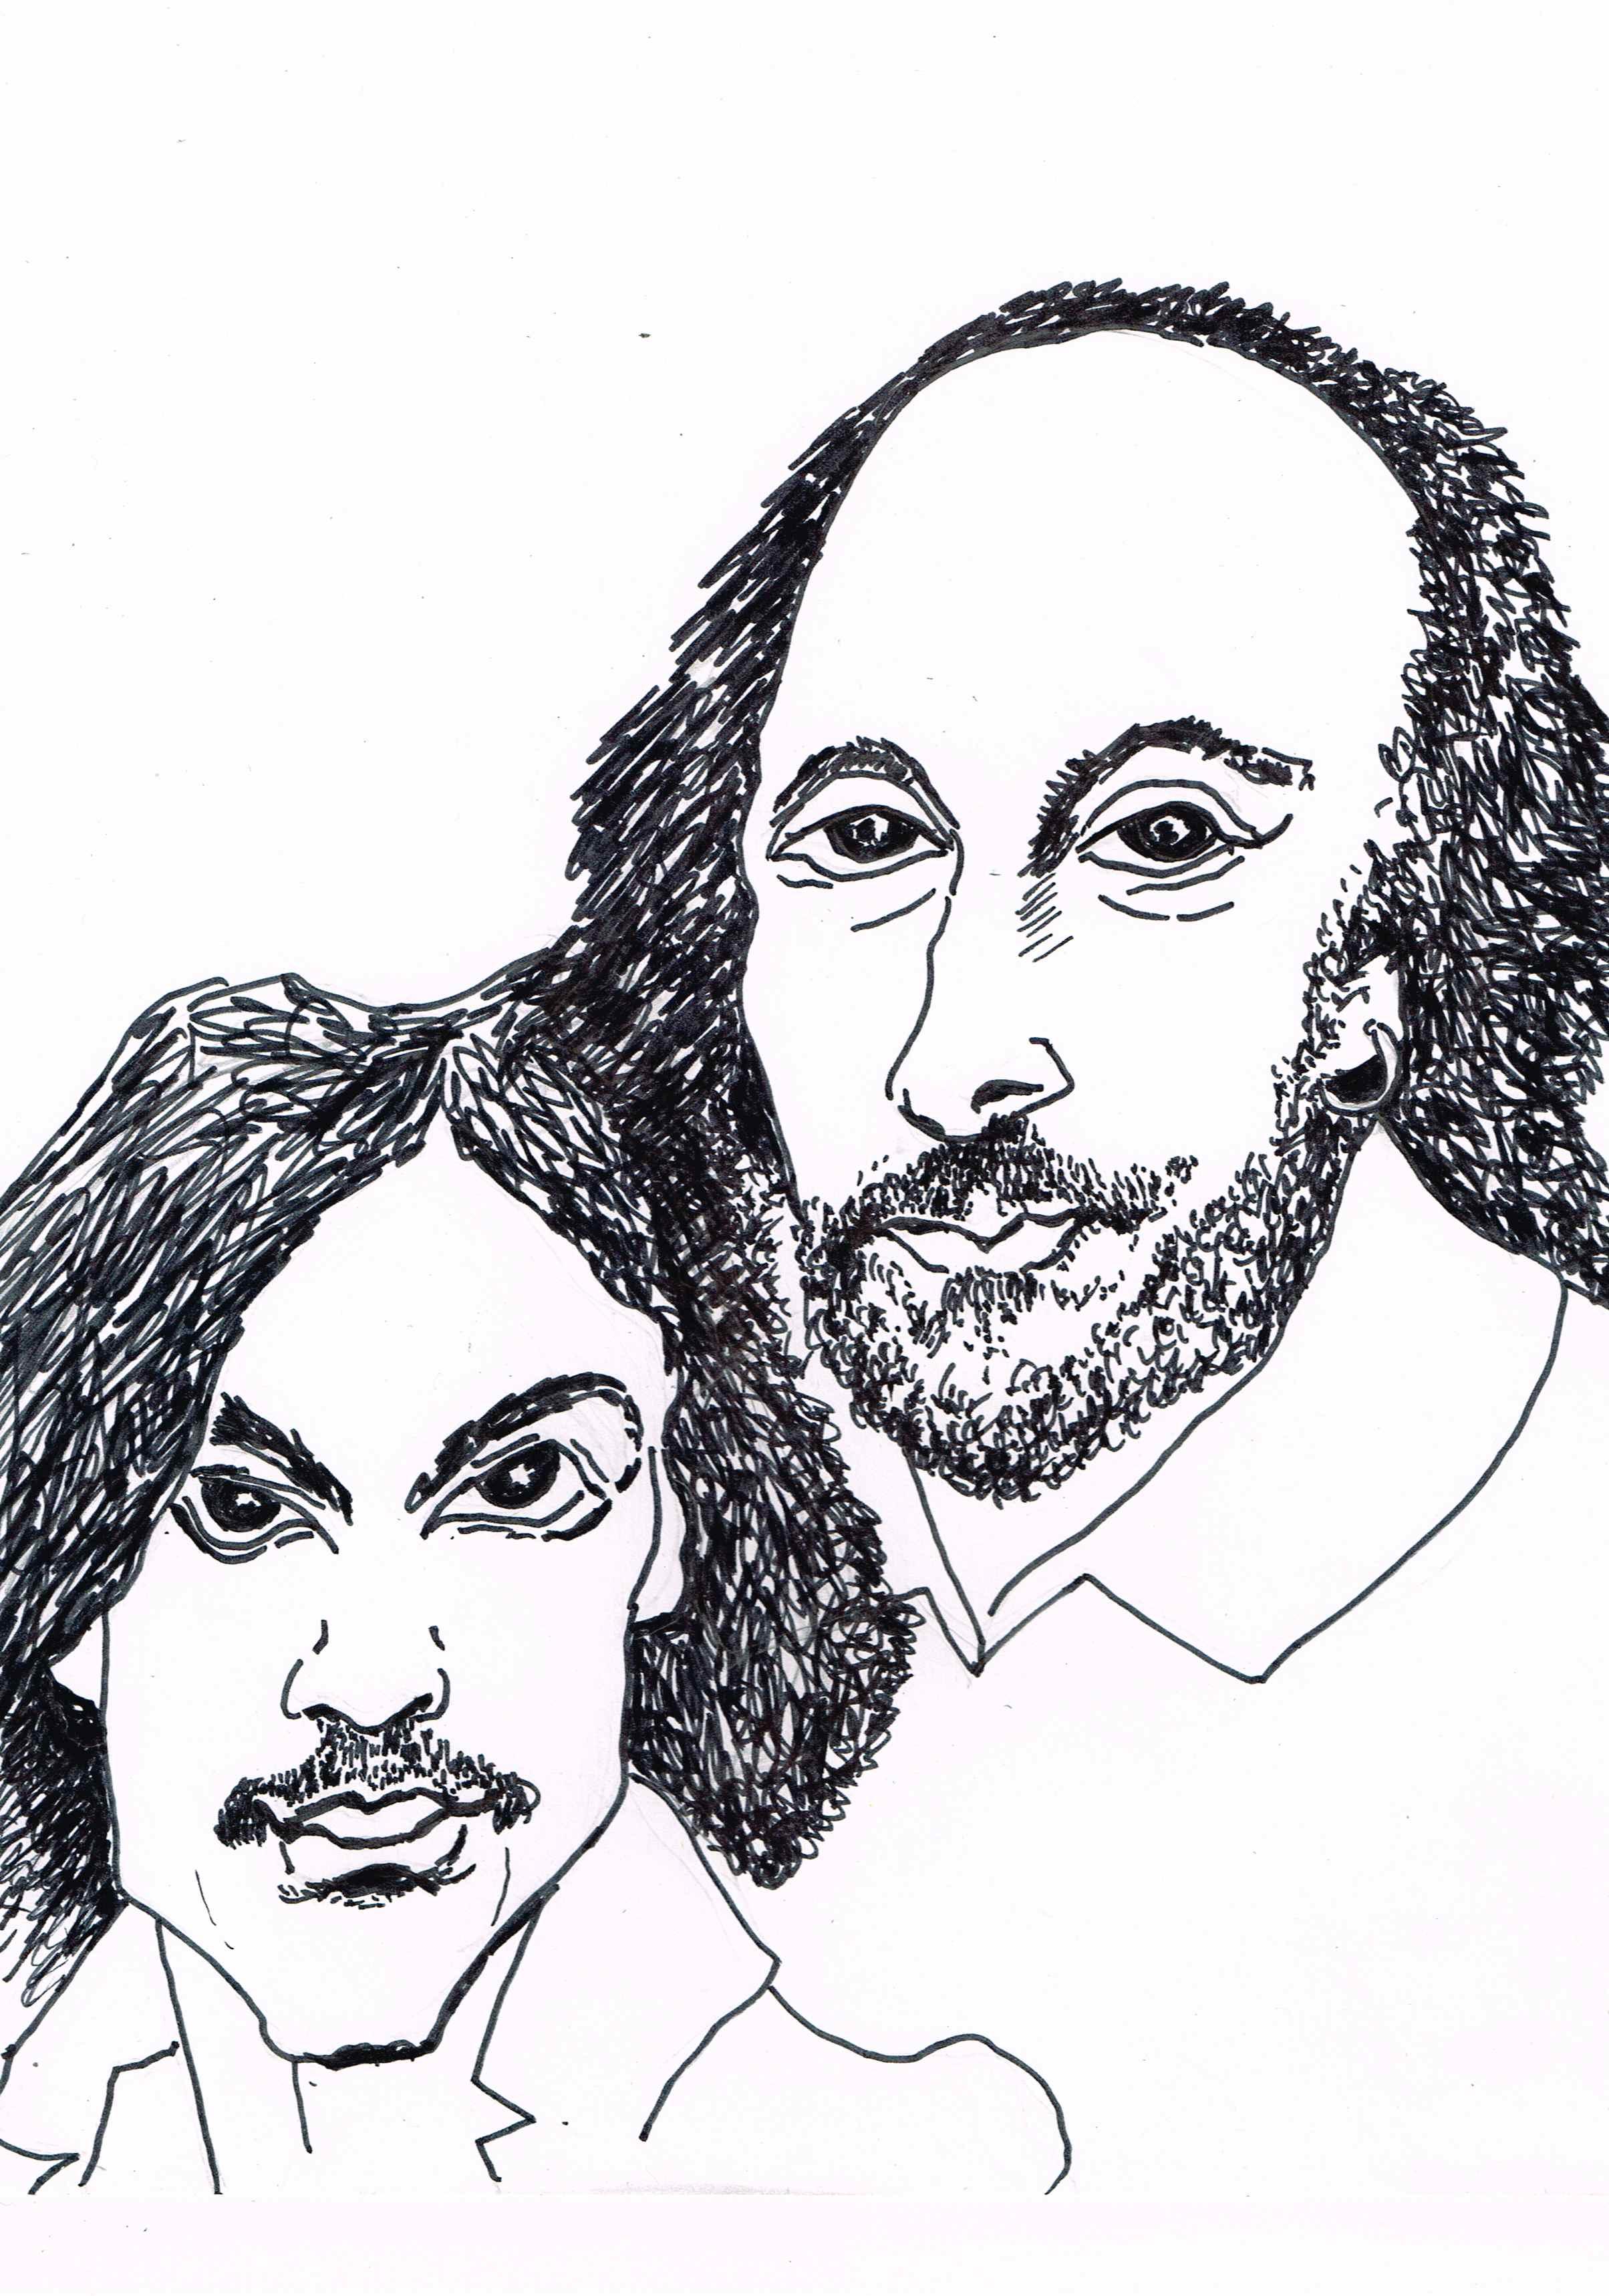 William Shakespeare reaches 400.